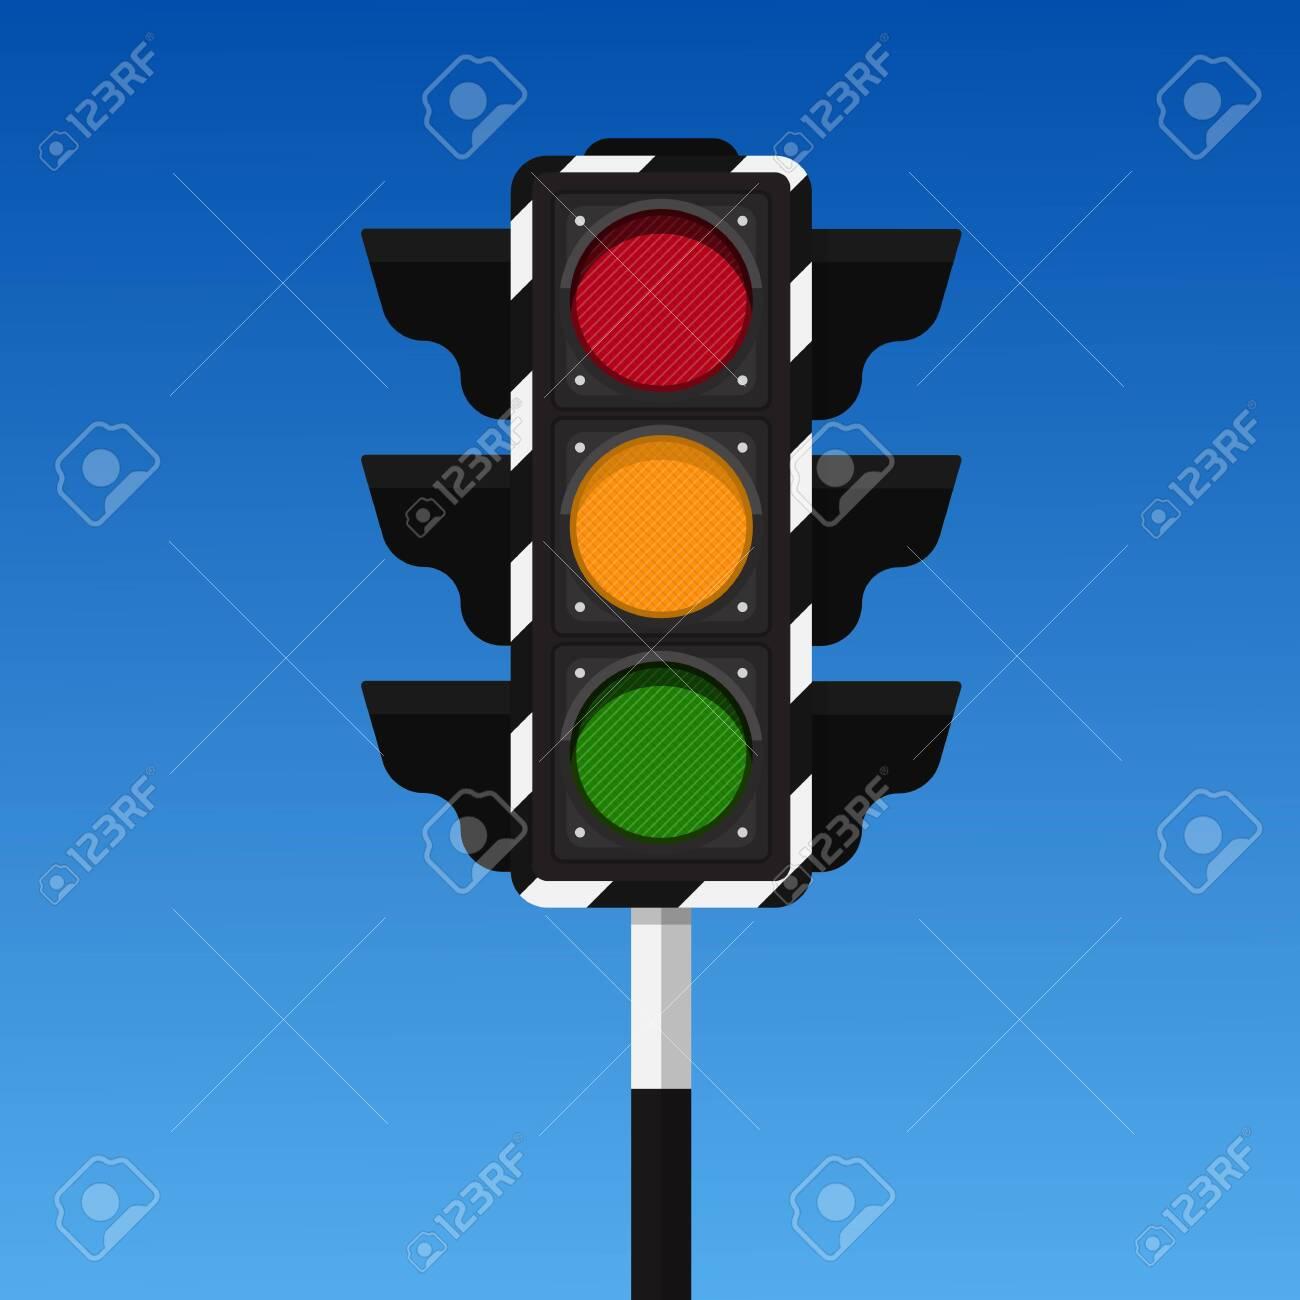 Traffic light vector illustration. - 128283011